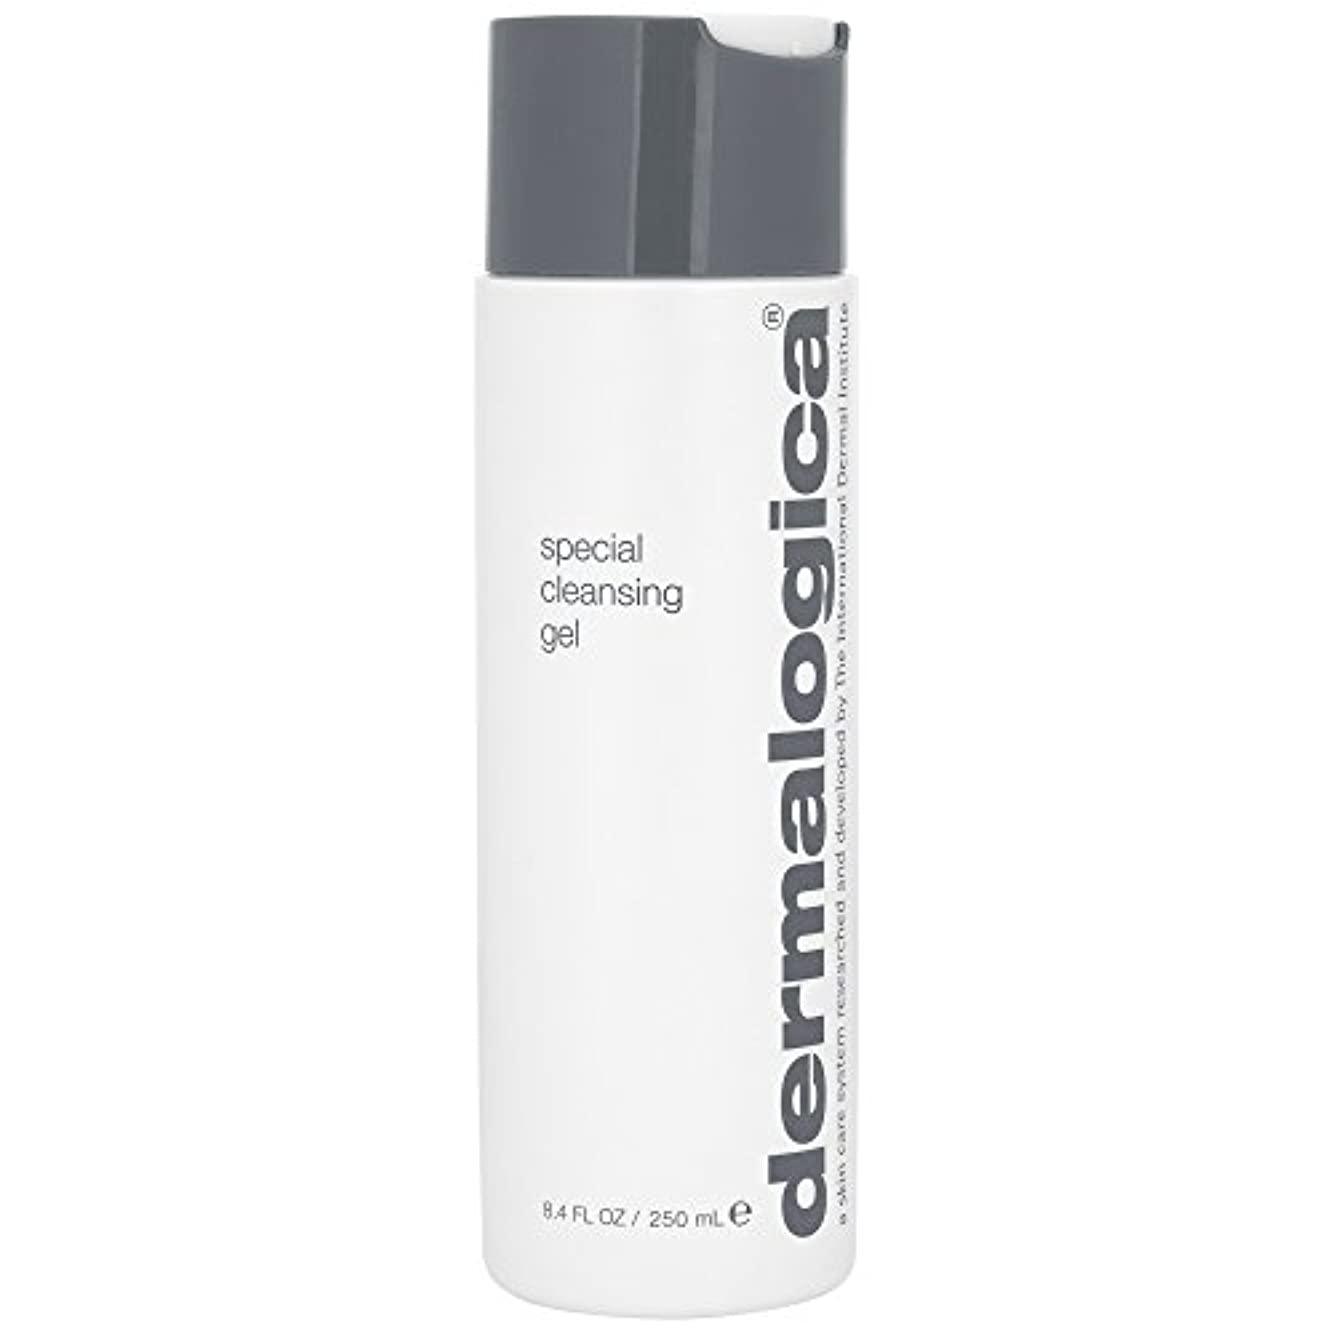 ライバルコークス改革ダーマロジカ特別なクレンジングゲル250ミリリットル (Dermalogica) - Dermalogica Special Cleansing Gel 250ml [並行輸入品]